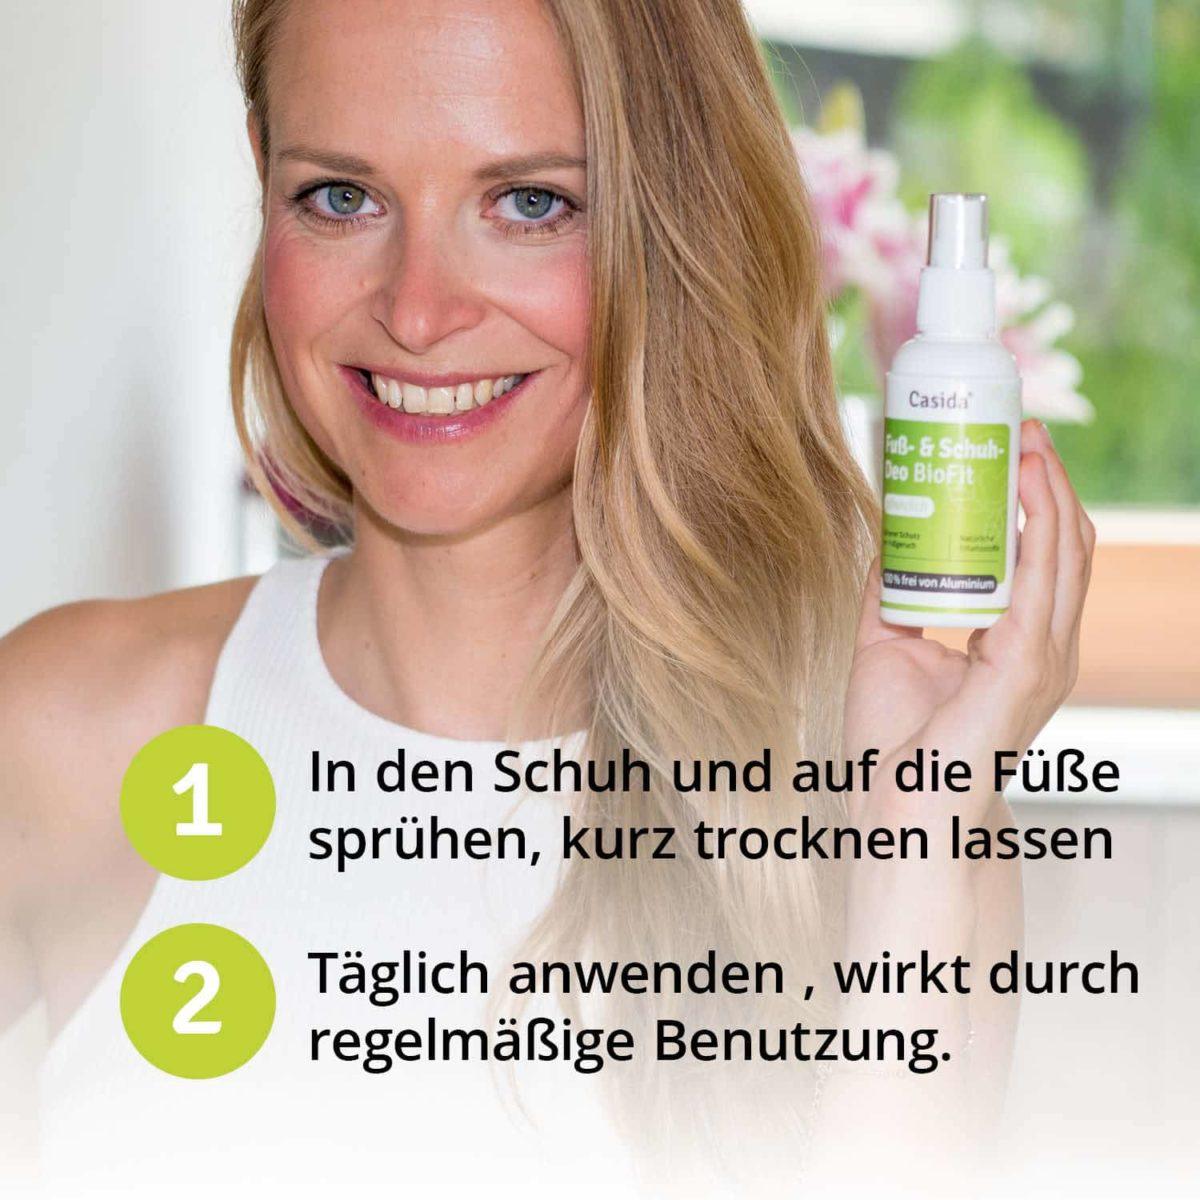 Casida Fuß- und Schuhdeo BioFit Pflanzlich 100 ml 10751316 PZN Apotheke Nagelpilz Fußpilz Schweißfüße6